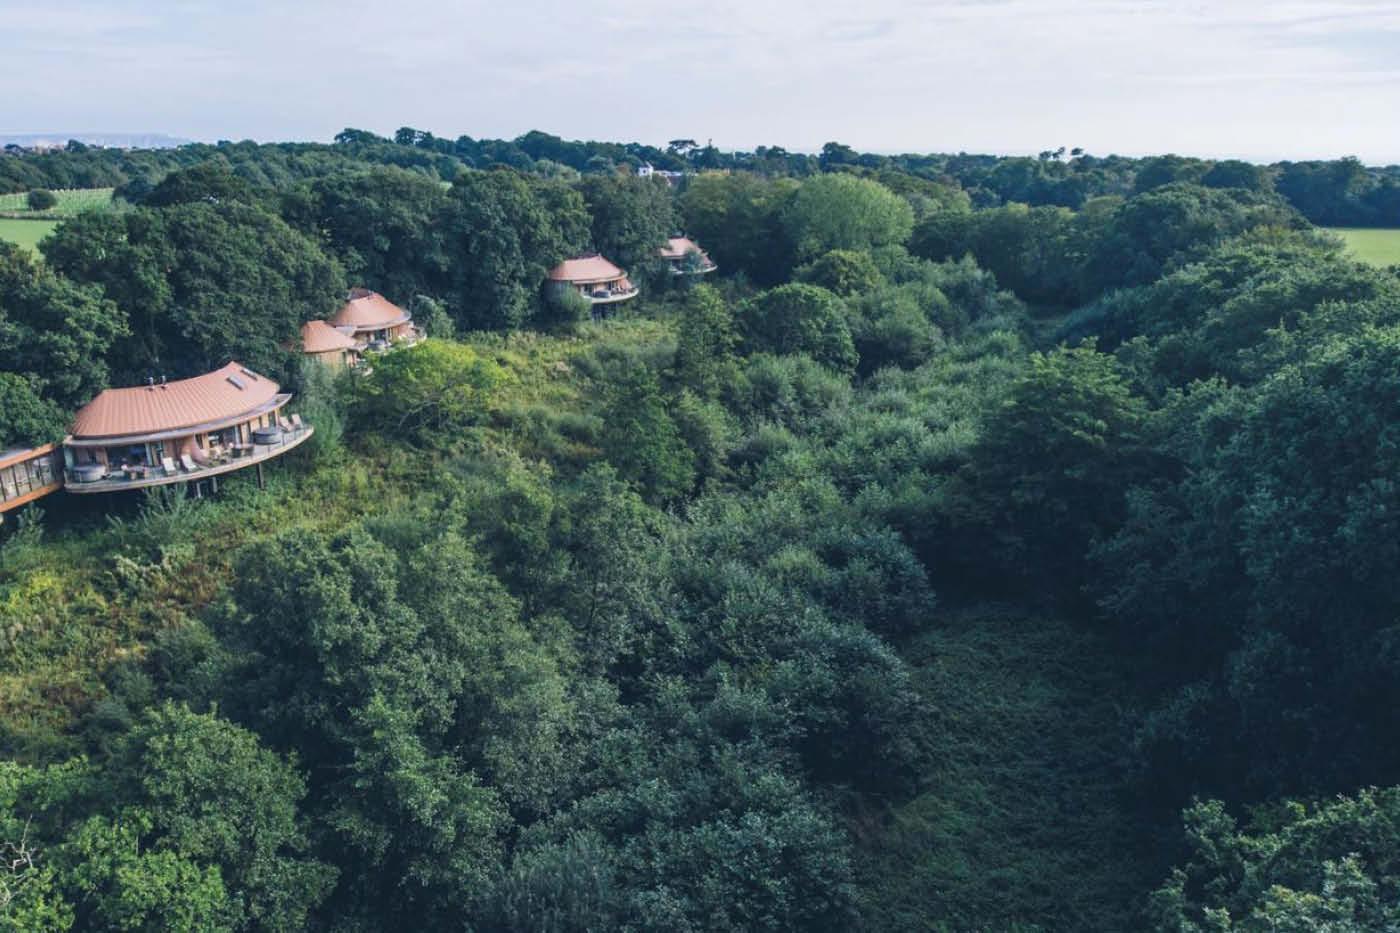 Chewton Glen Tree House